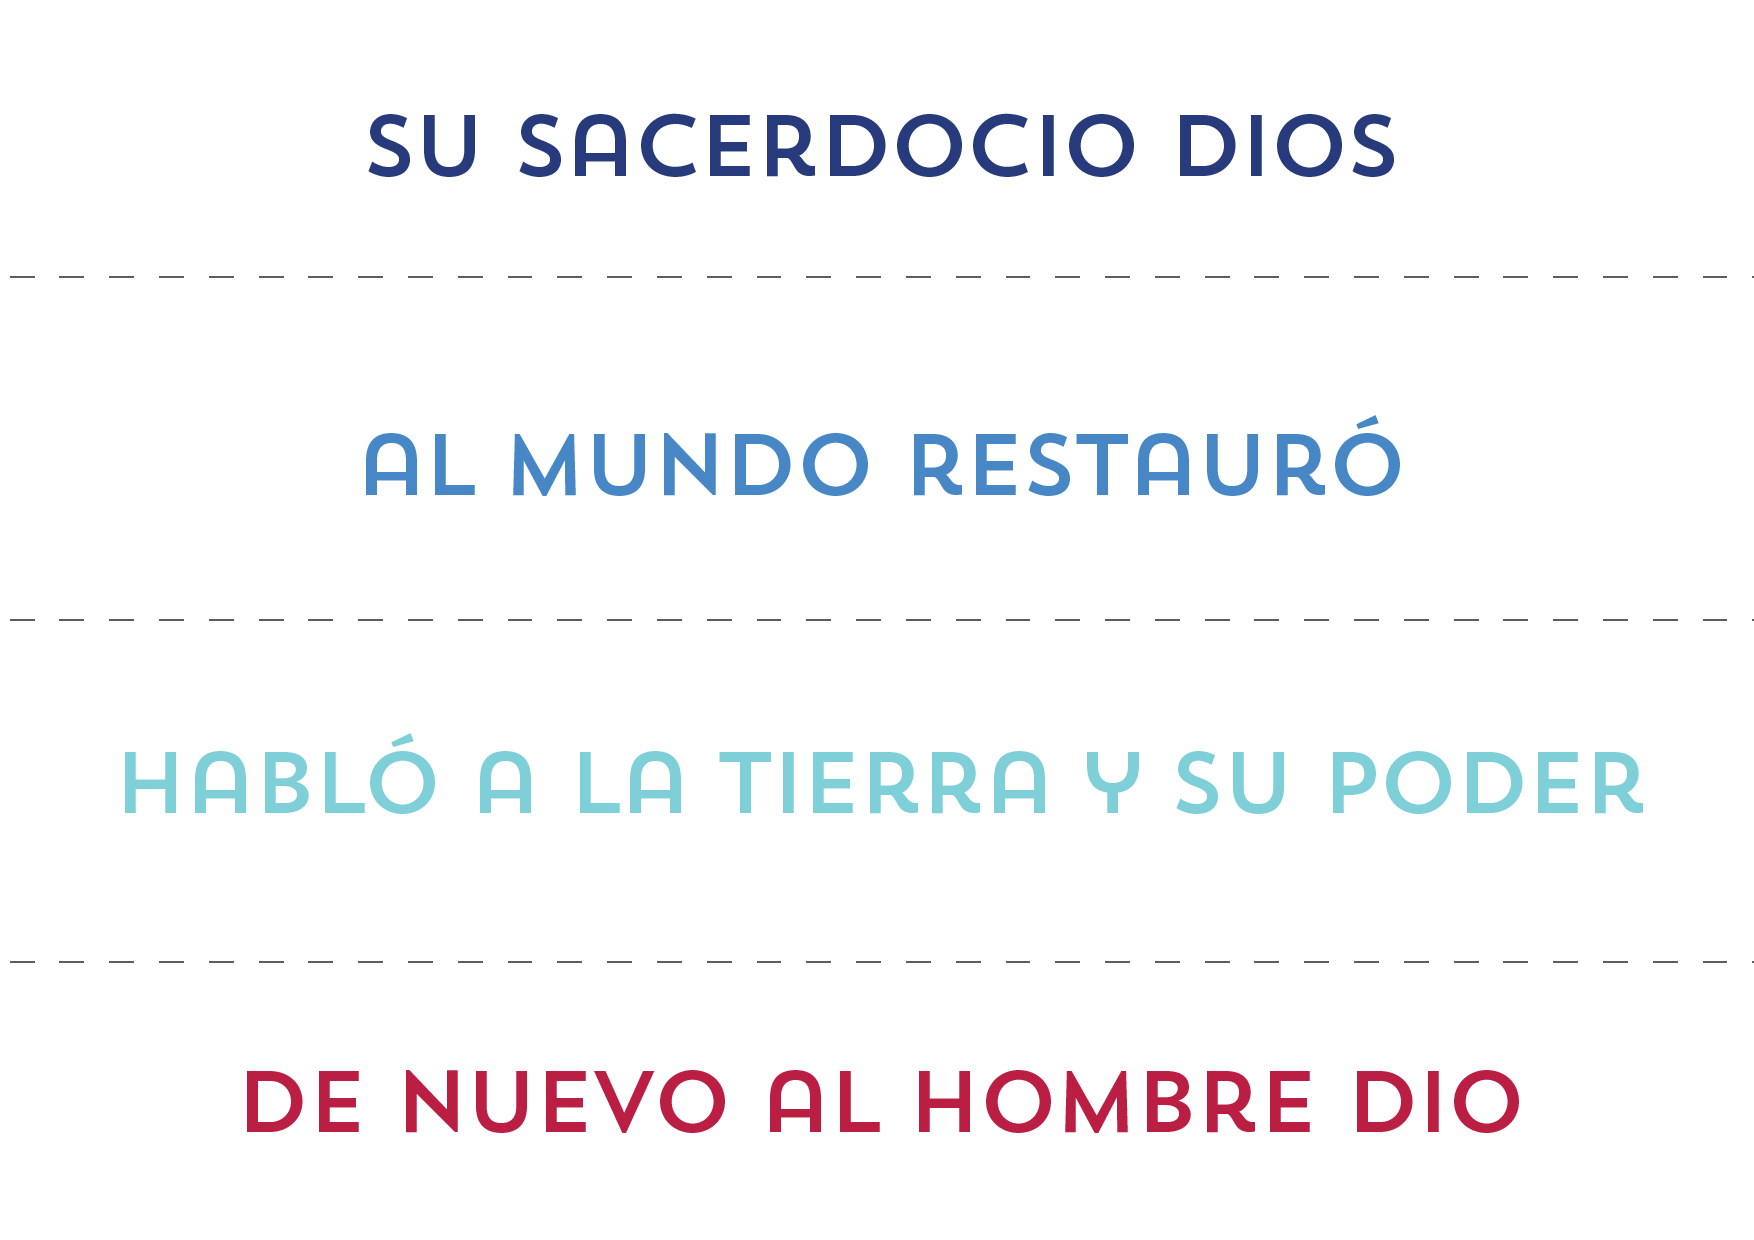 el-sacerdocio-se-restauro-cn-60_ConexionSUD-04